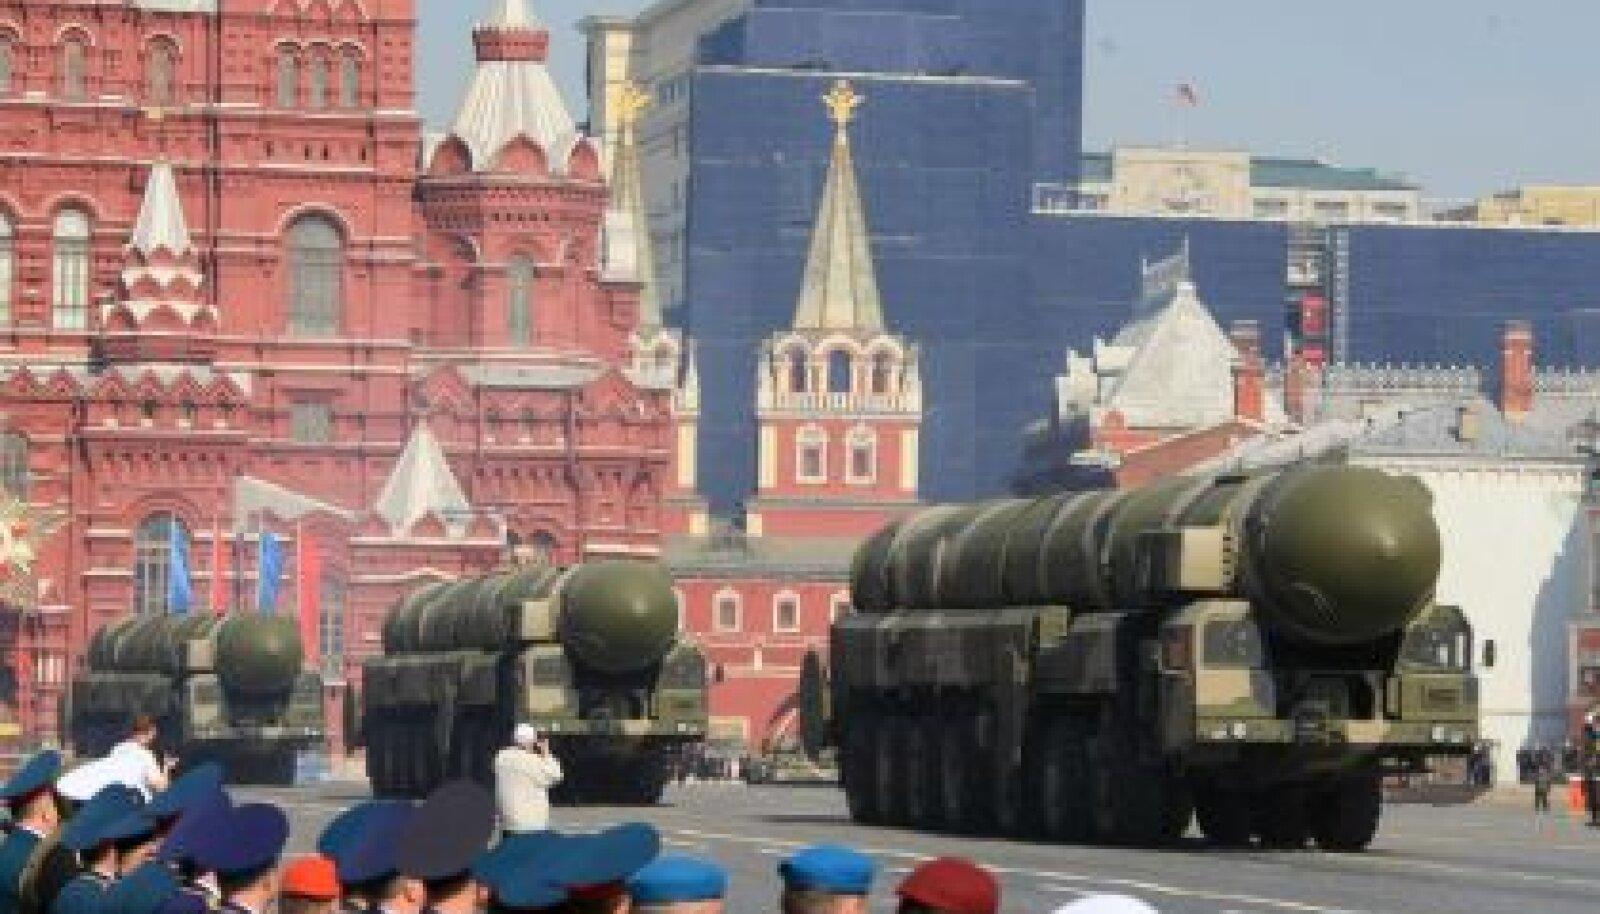 Strateegiline raketikompleks Topol-M Punasel väljakul Moskvas